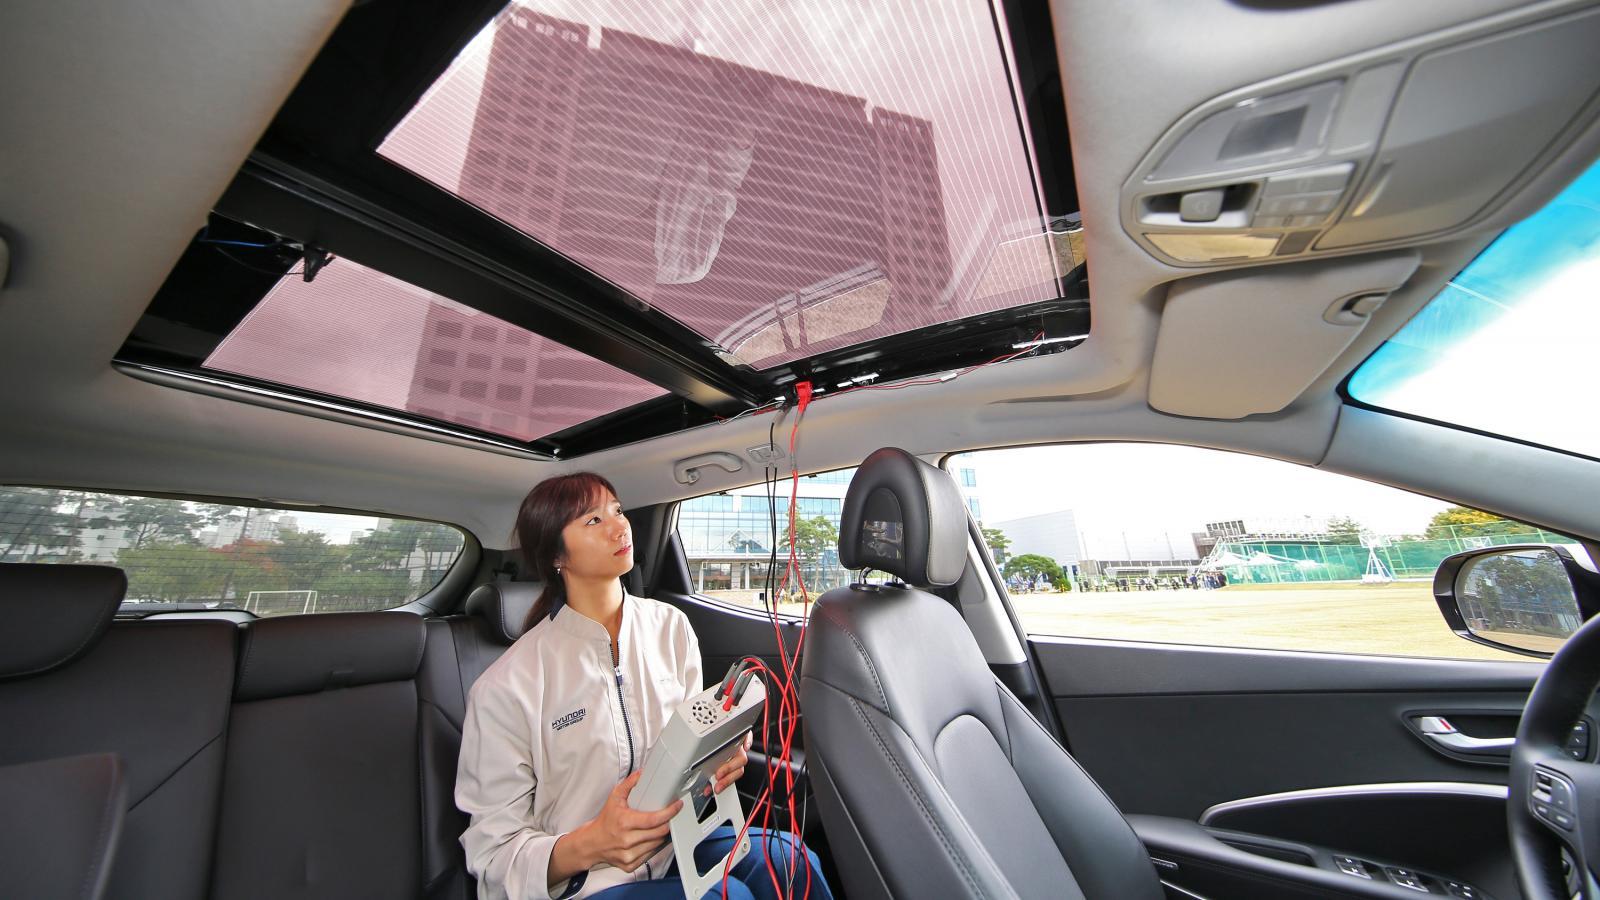 Agencia de autos Hyundai prepara carga solar para 2020